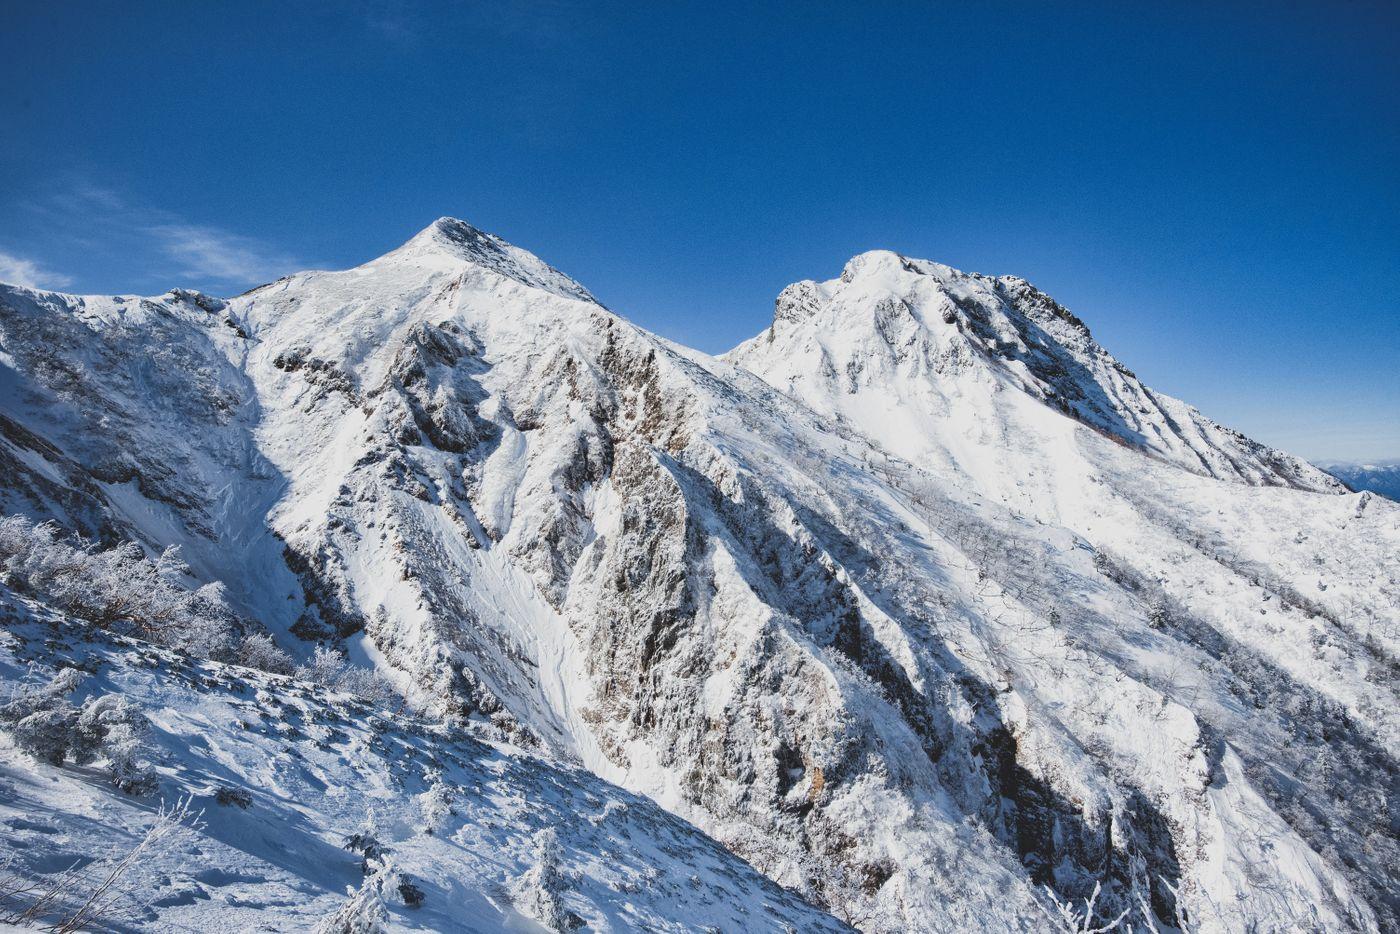 冬の中岳と阿弥陀岳の写真